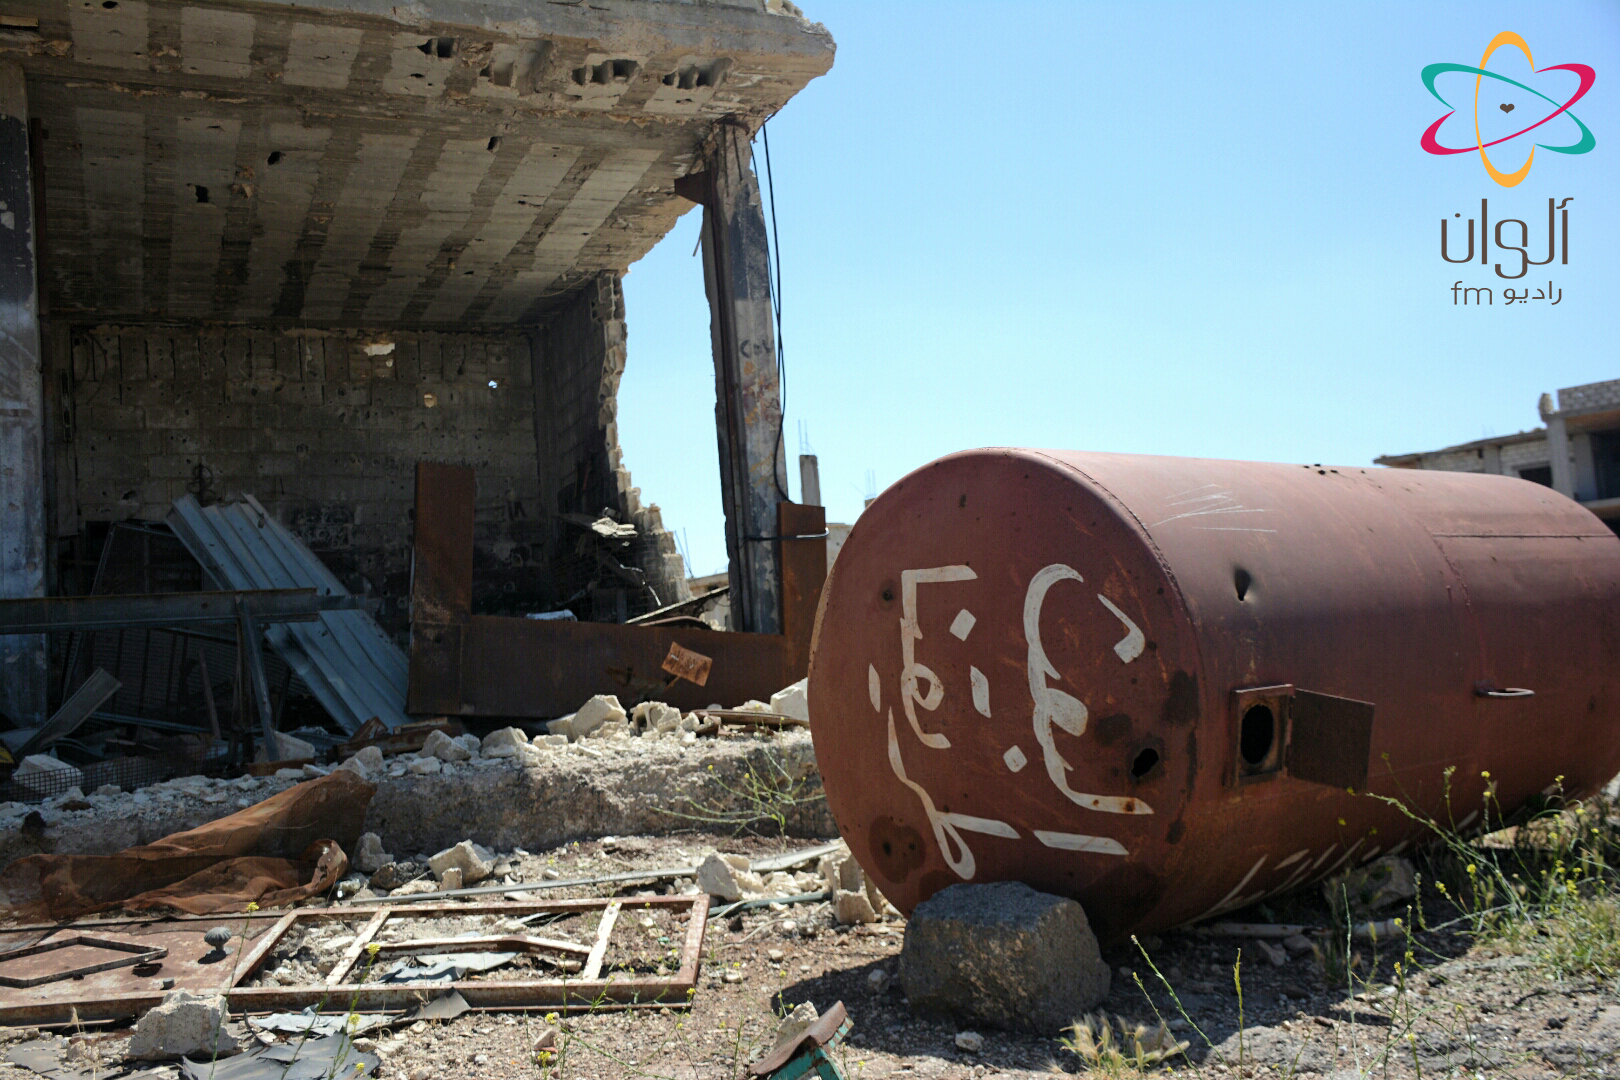 من بصر الحرير في ريف درعا الشرقي/ بعدسة محمد اليوسف مراسل راديو ألوان في درعا.